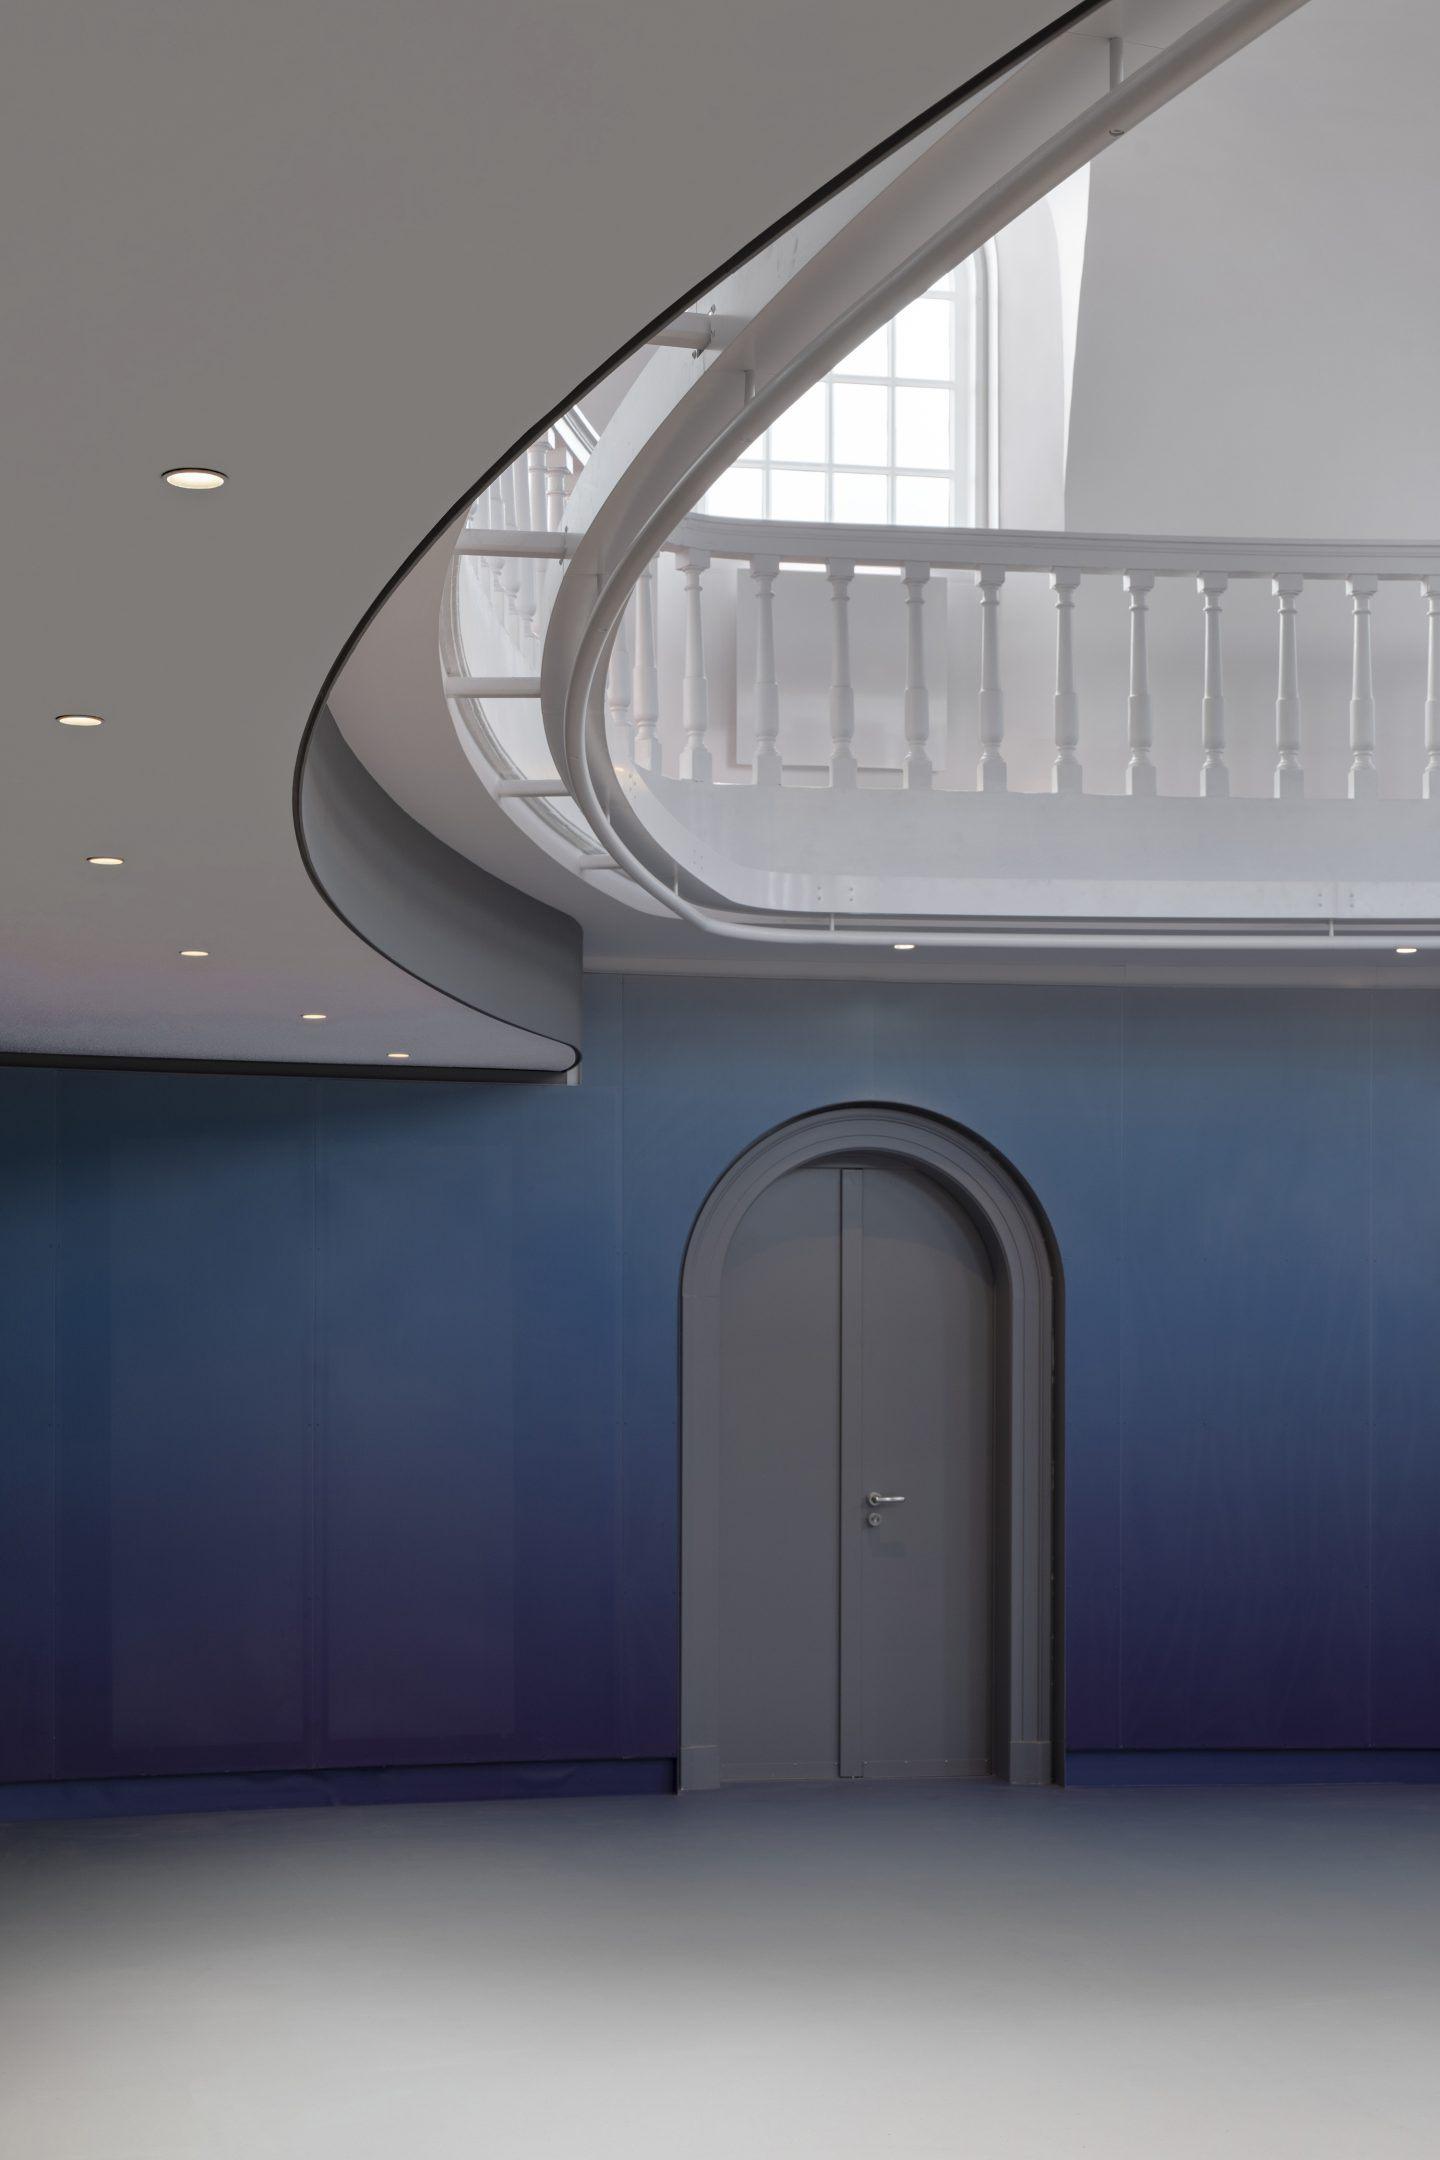 IGNANT-Design-FelixMeritis-24